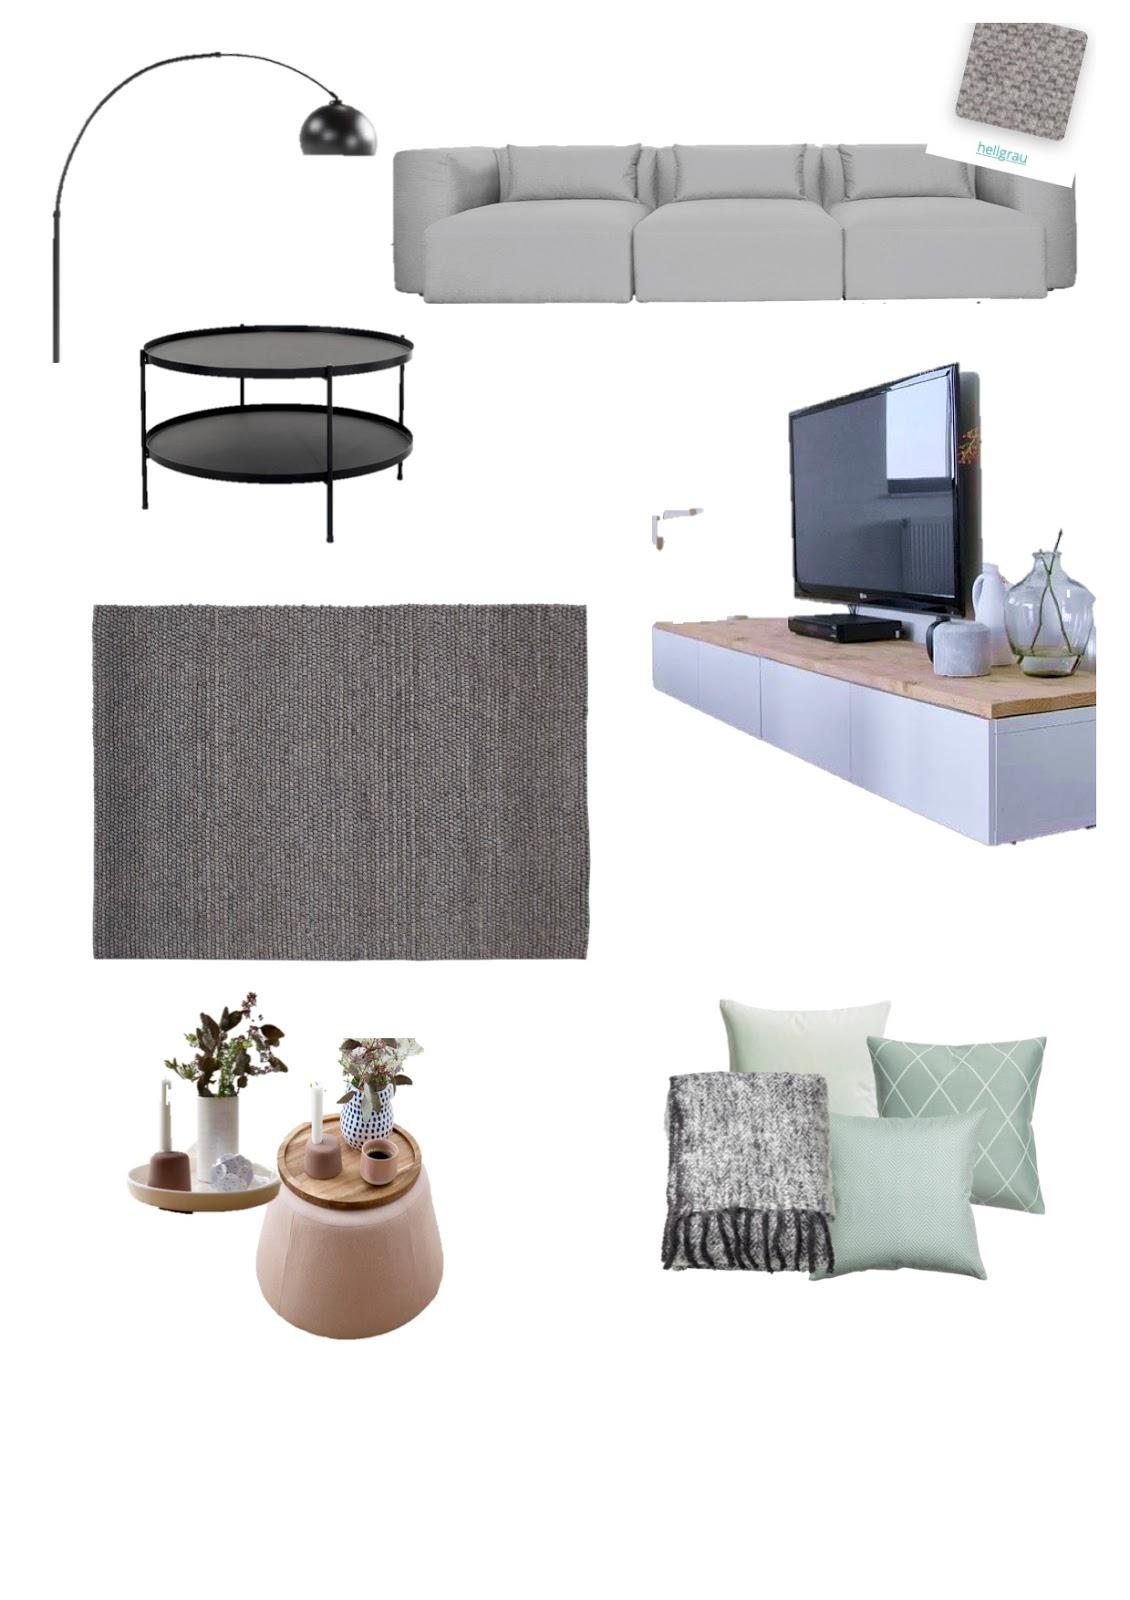 Hallo again & Wohnungsinspirationen #1 Wohnzimmer | incaseofbeauty